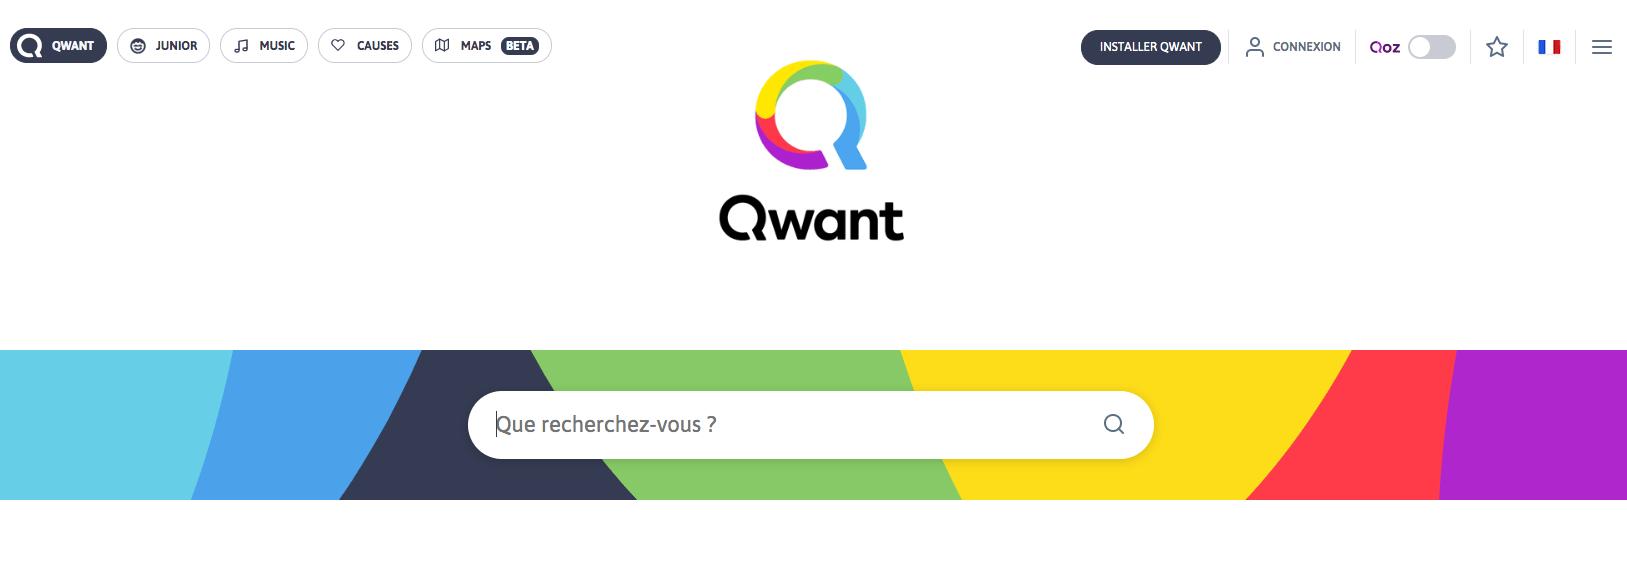 Moteur de recherche français Qwant